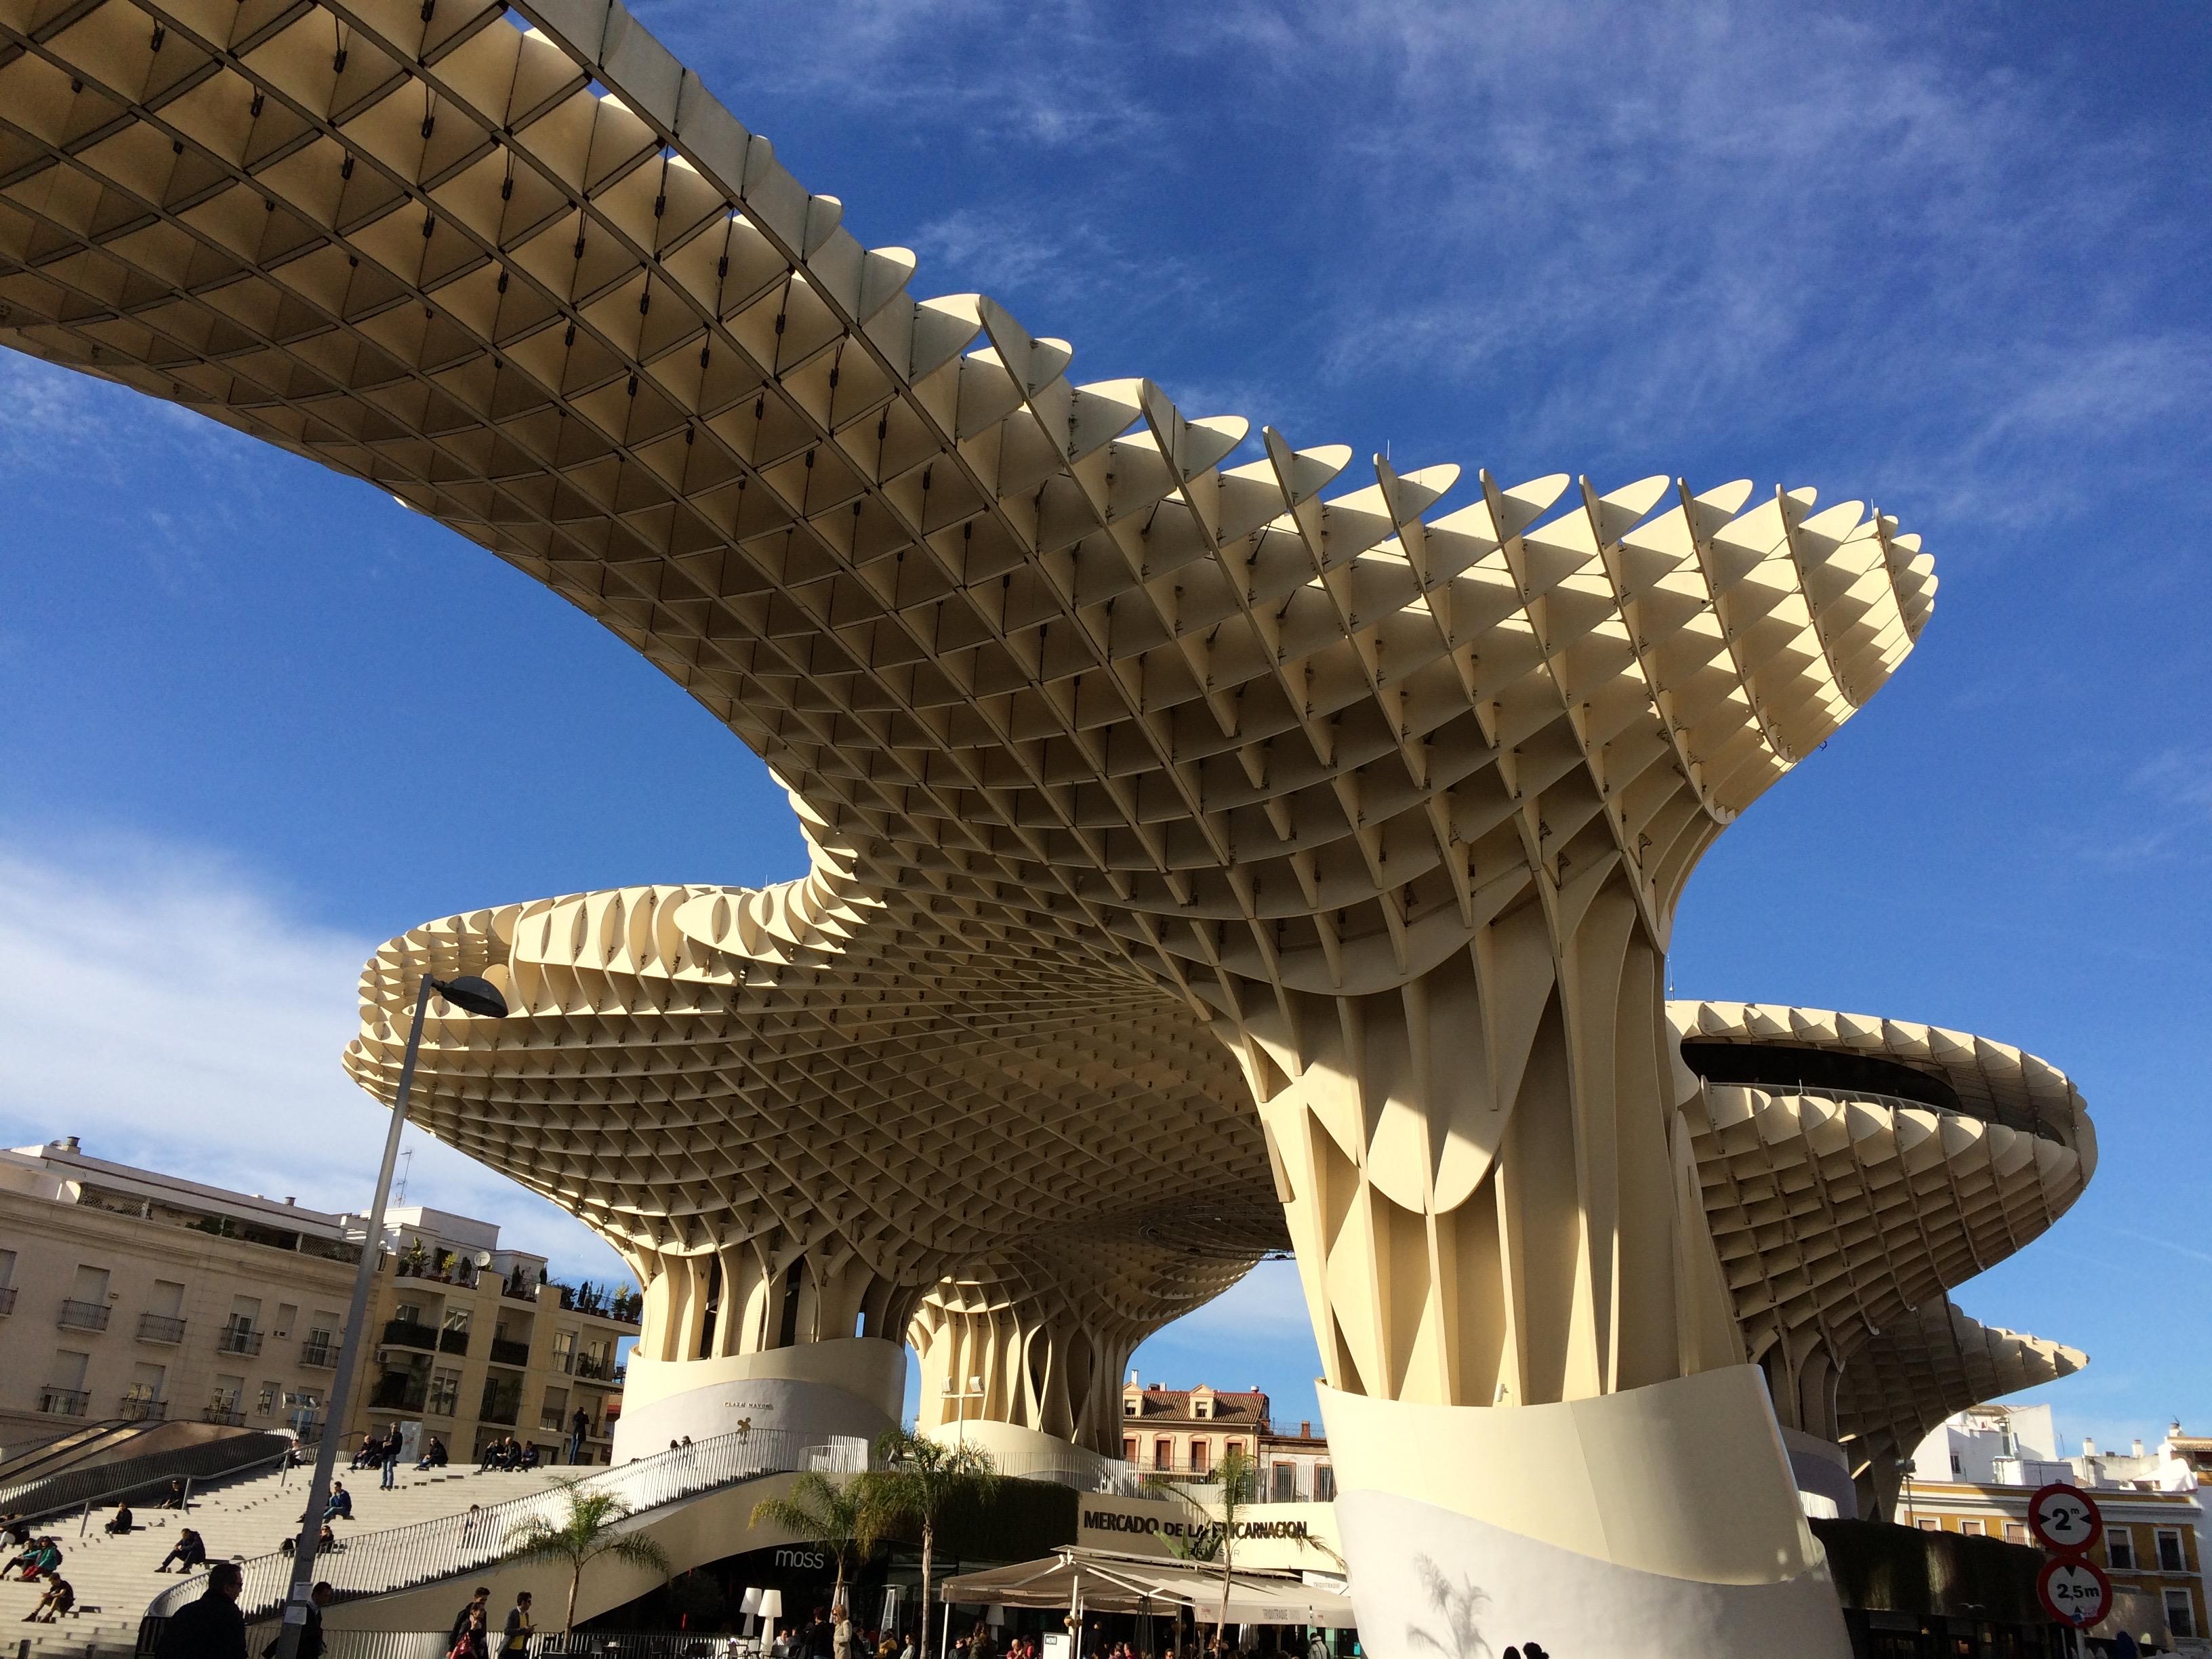 Seville - Metropol Parasol